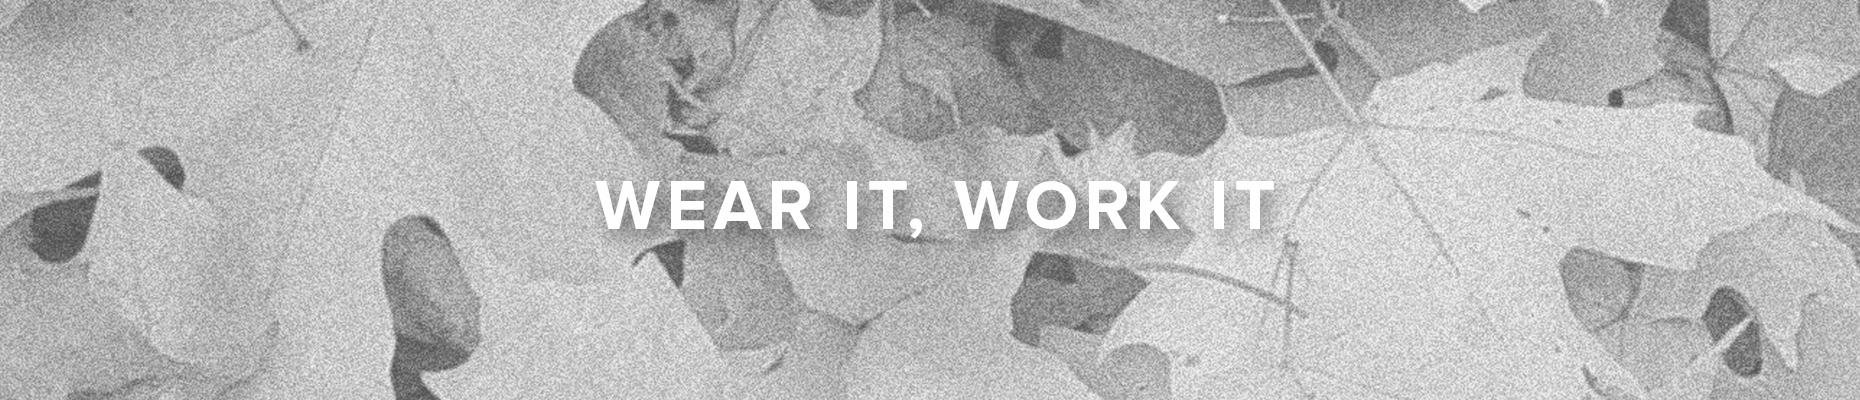 Wear It Work It